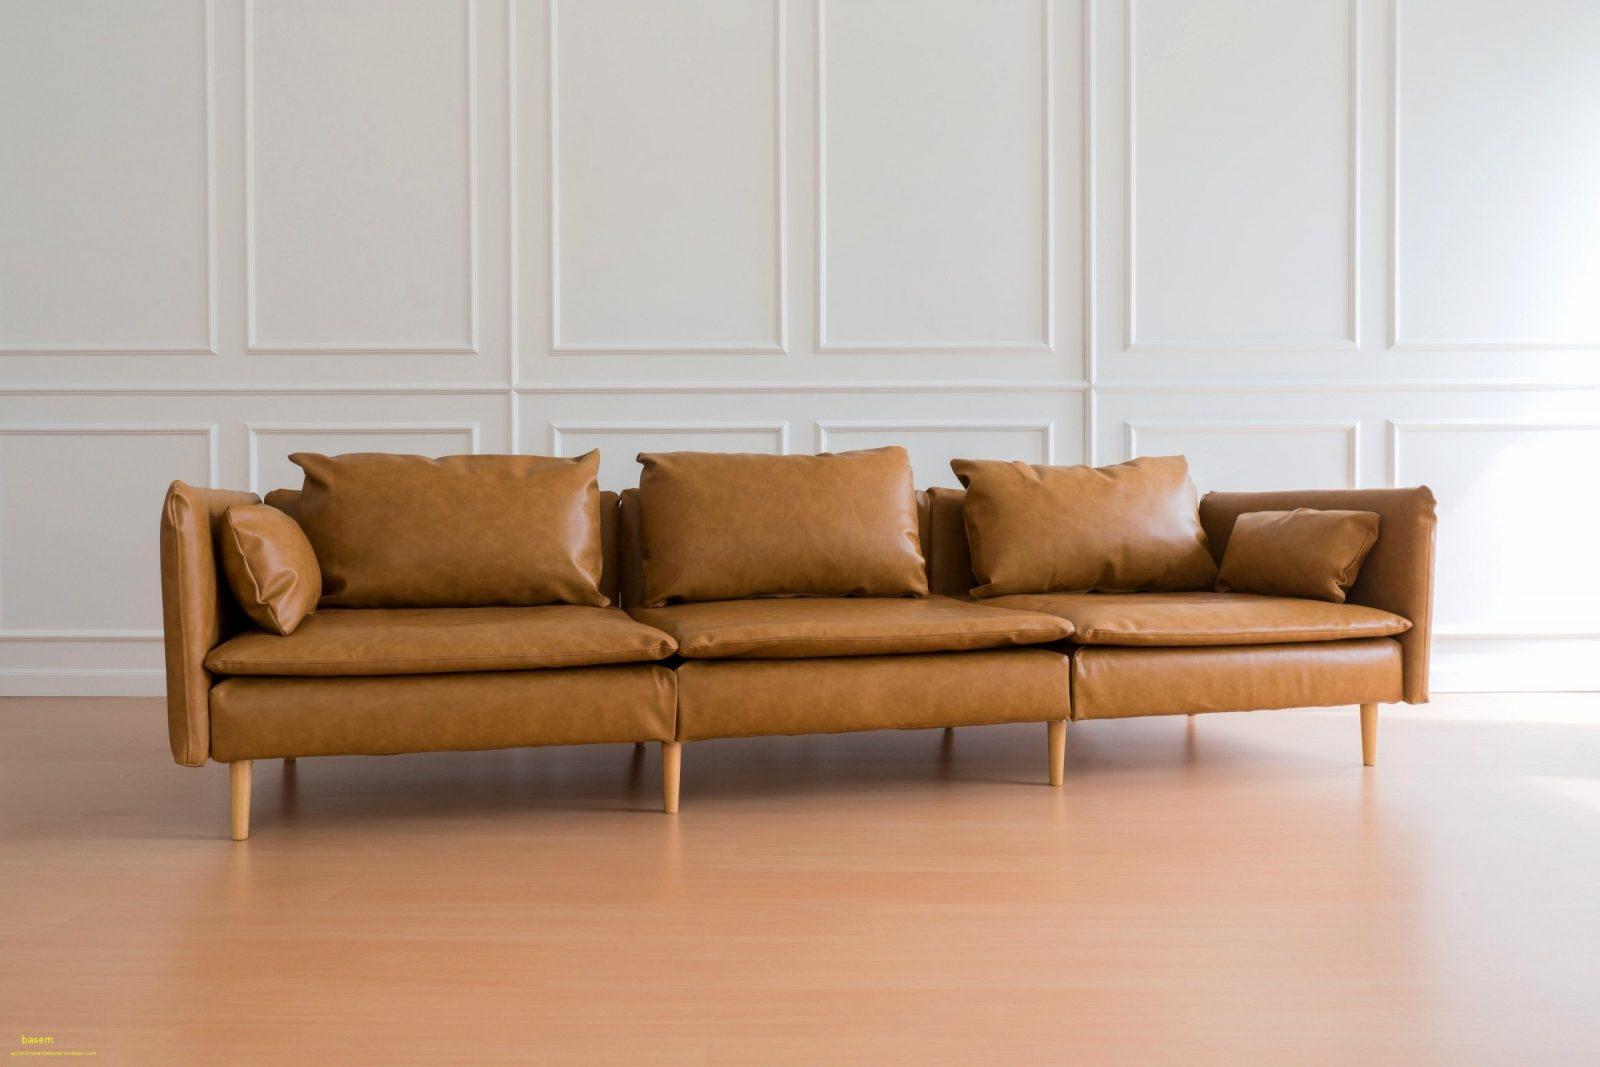 Roller Couch Angebote Beste Ecksofa Mit Schlaffunktion Roller von Ecksofa Mit Schlaffunktion Roller Bild